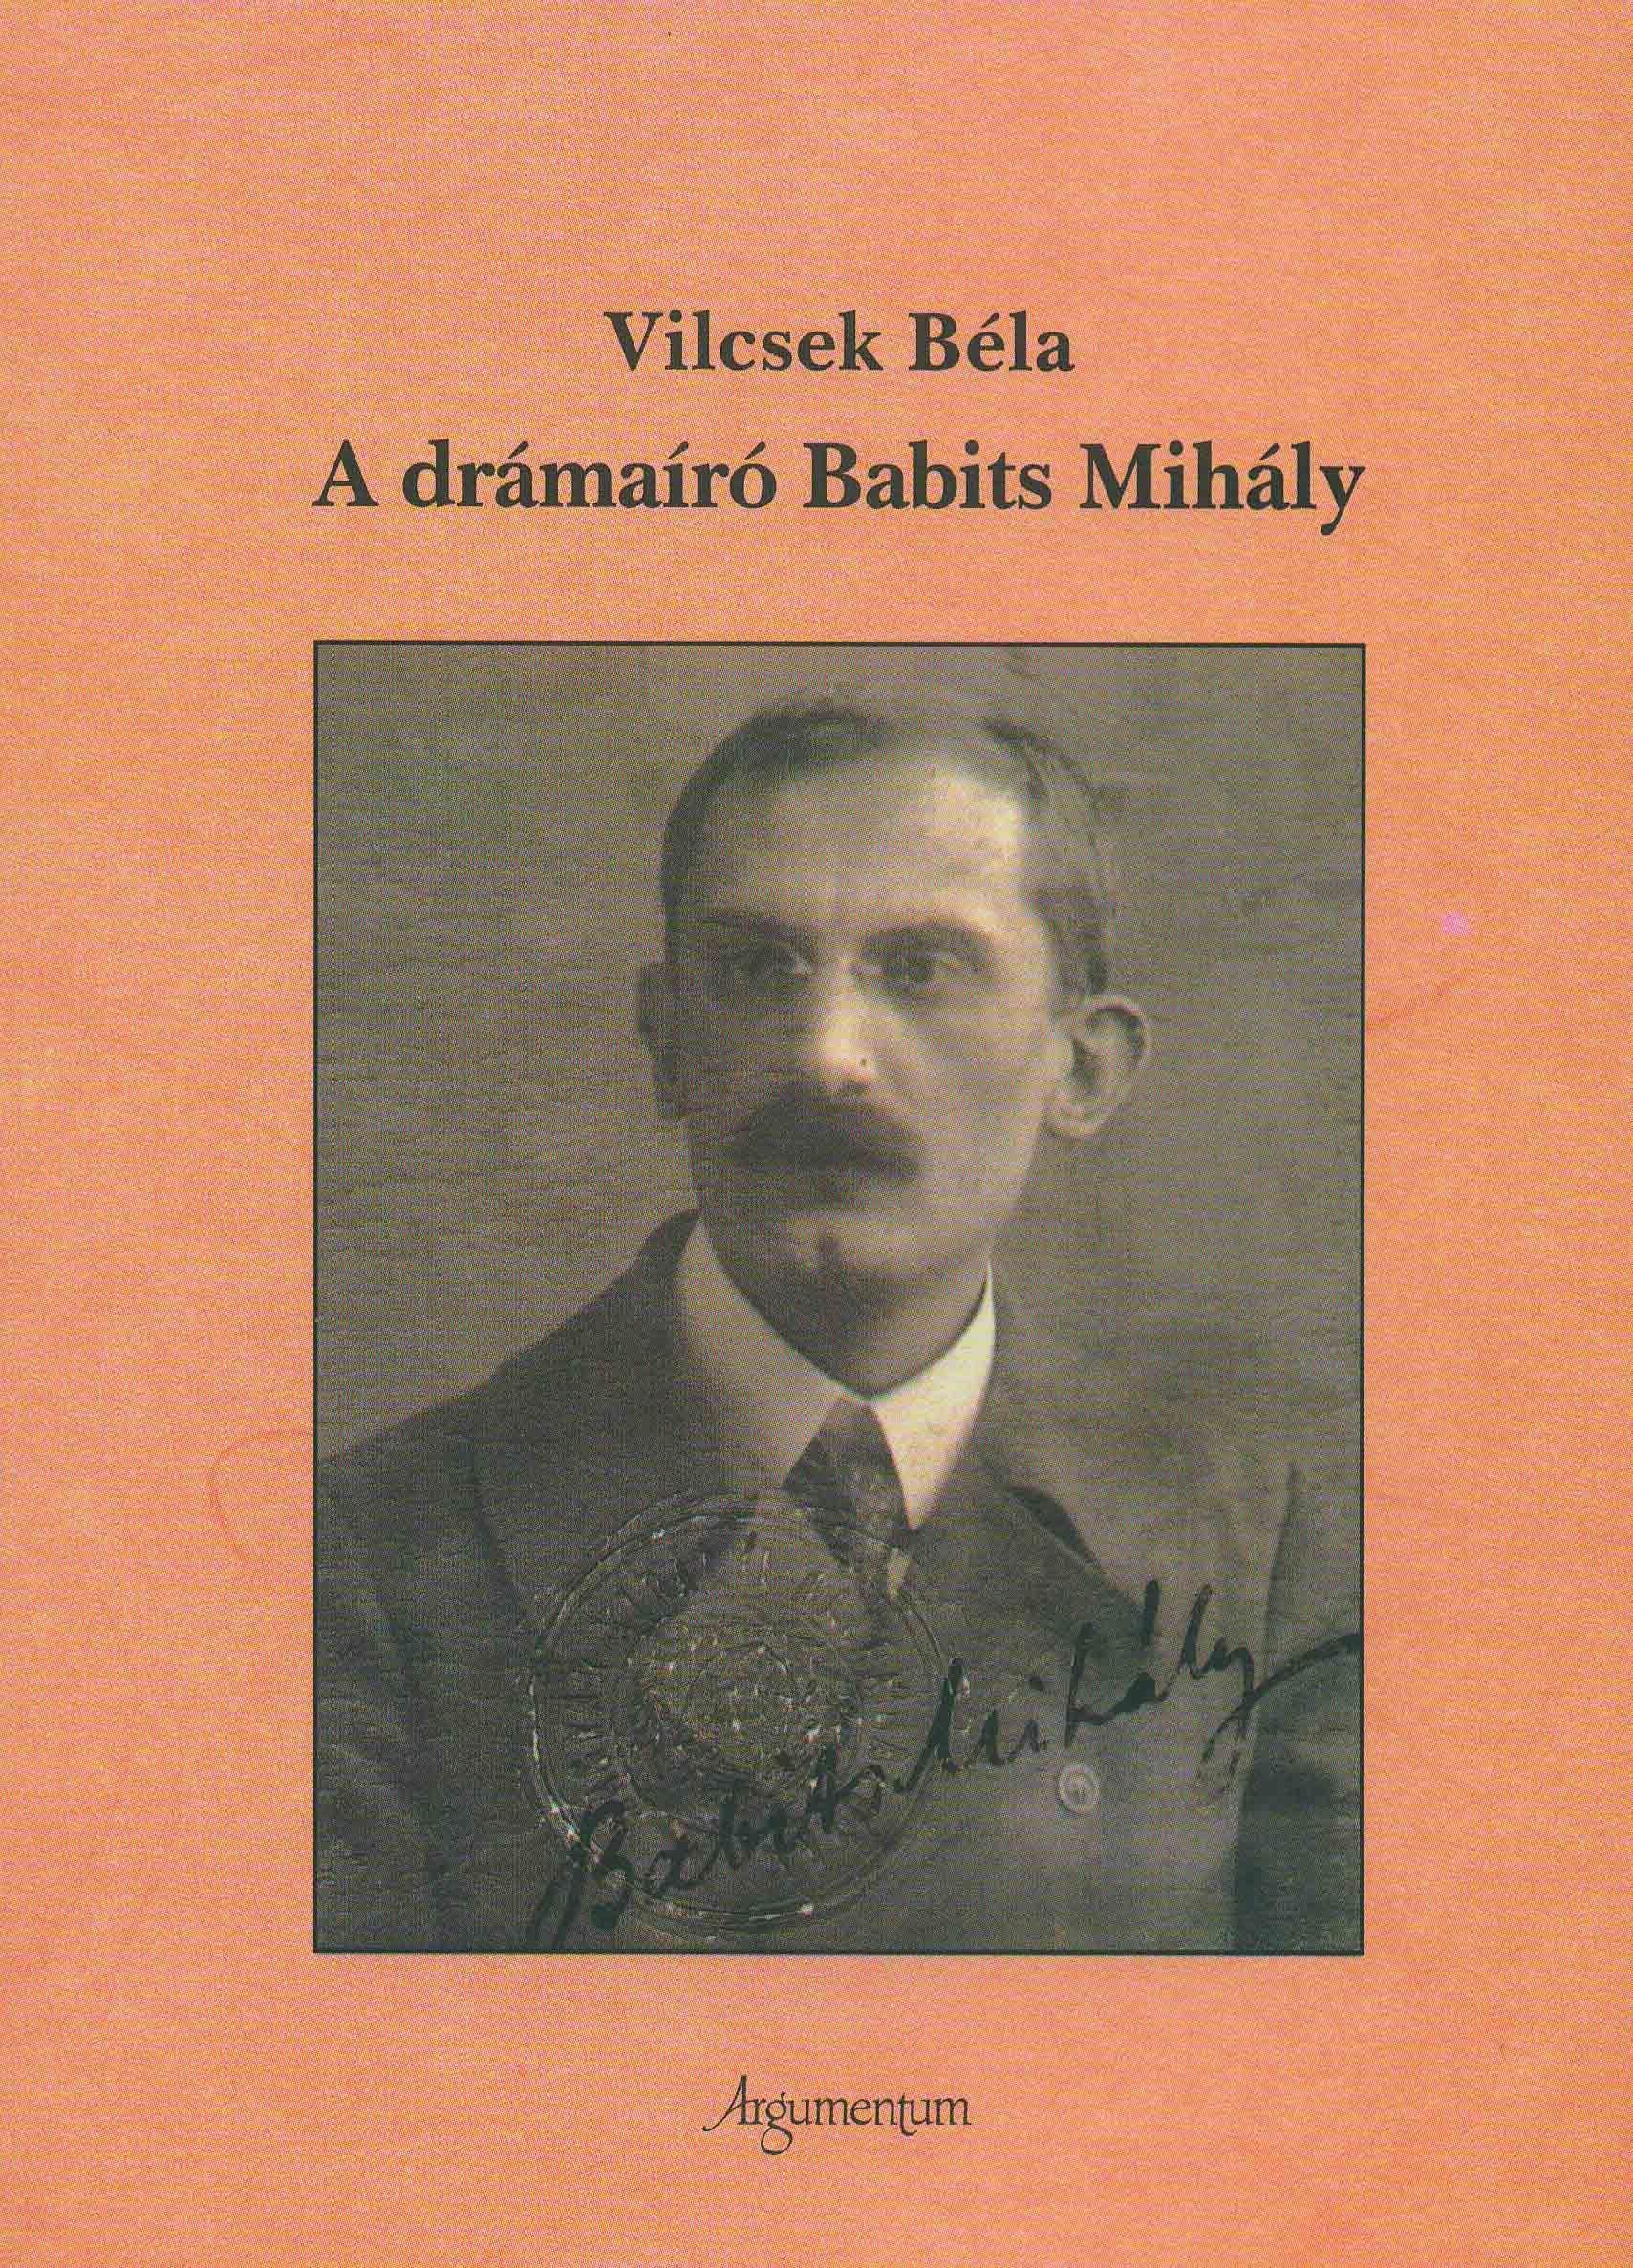 VILCSEK BÉLA - A DRÁMAÍRÓ BABITS MIHÁLY